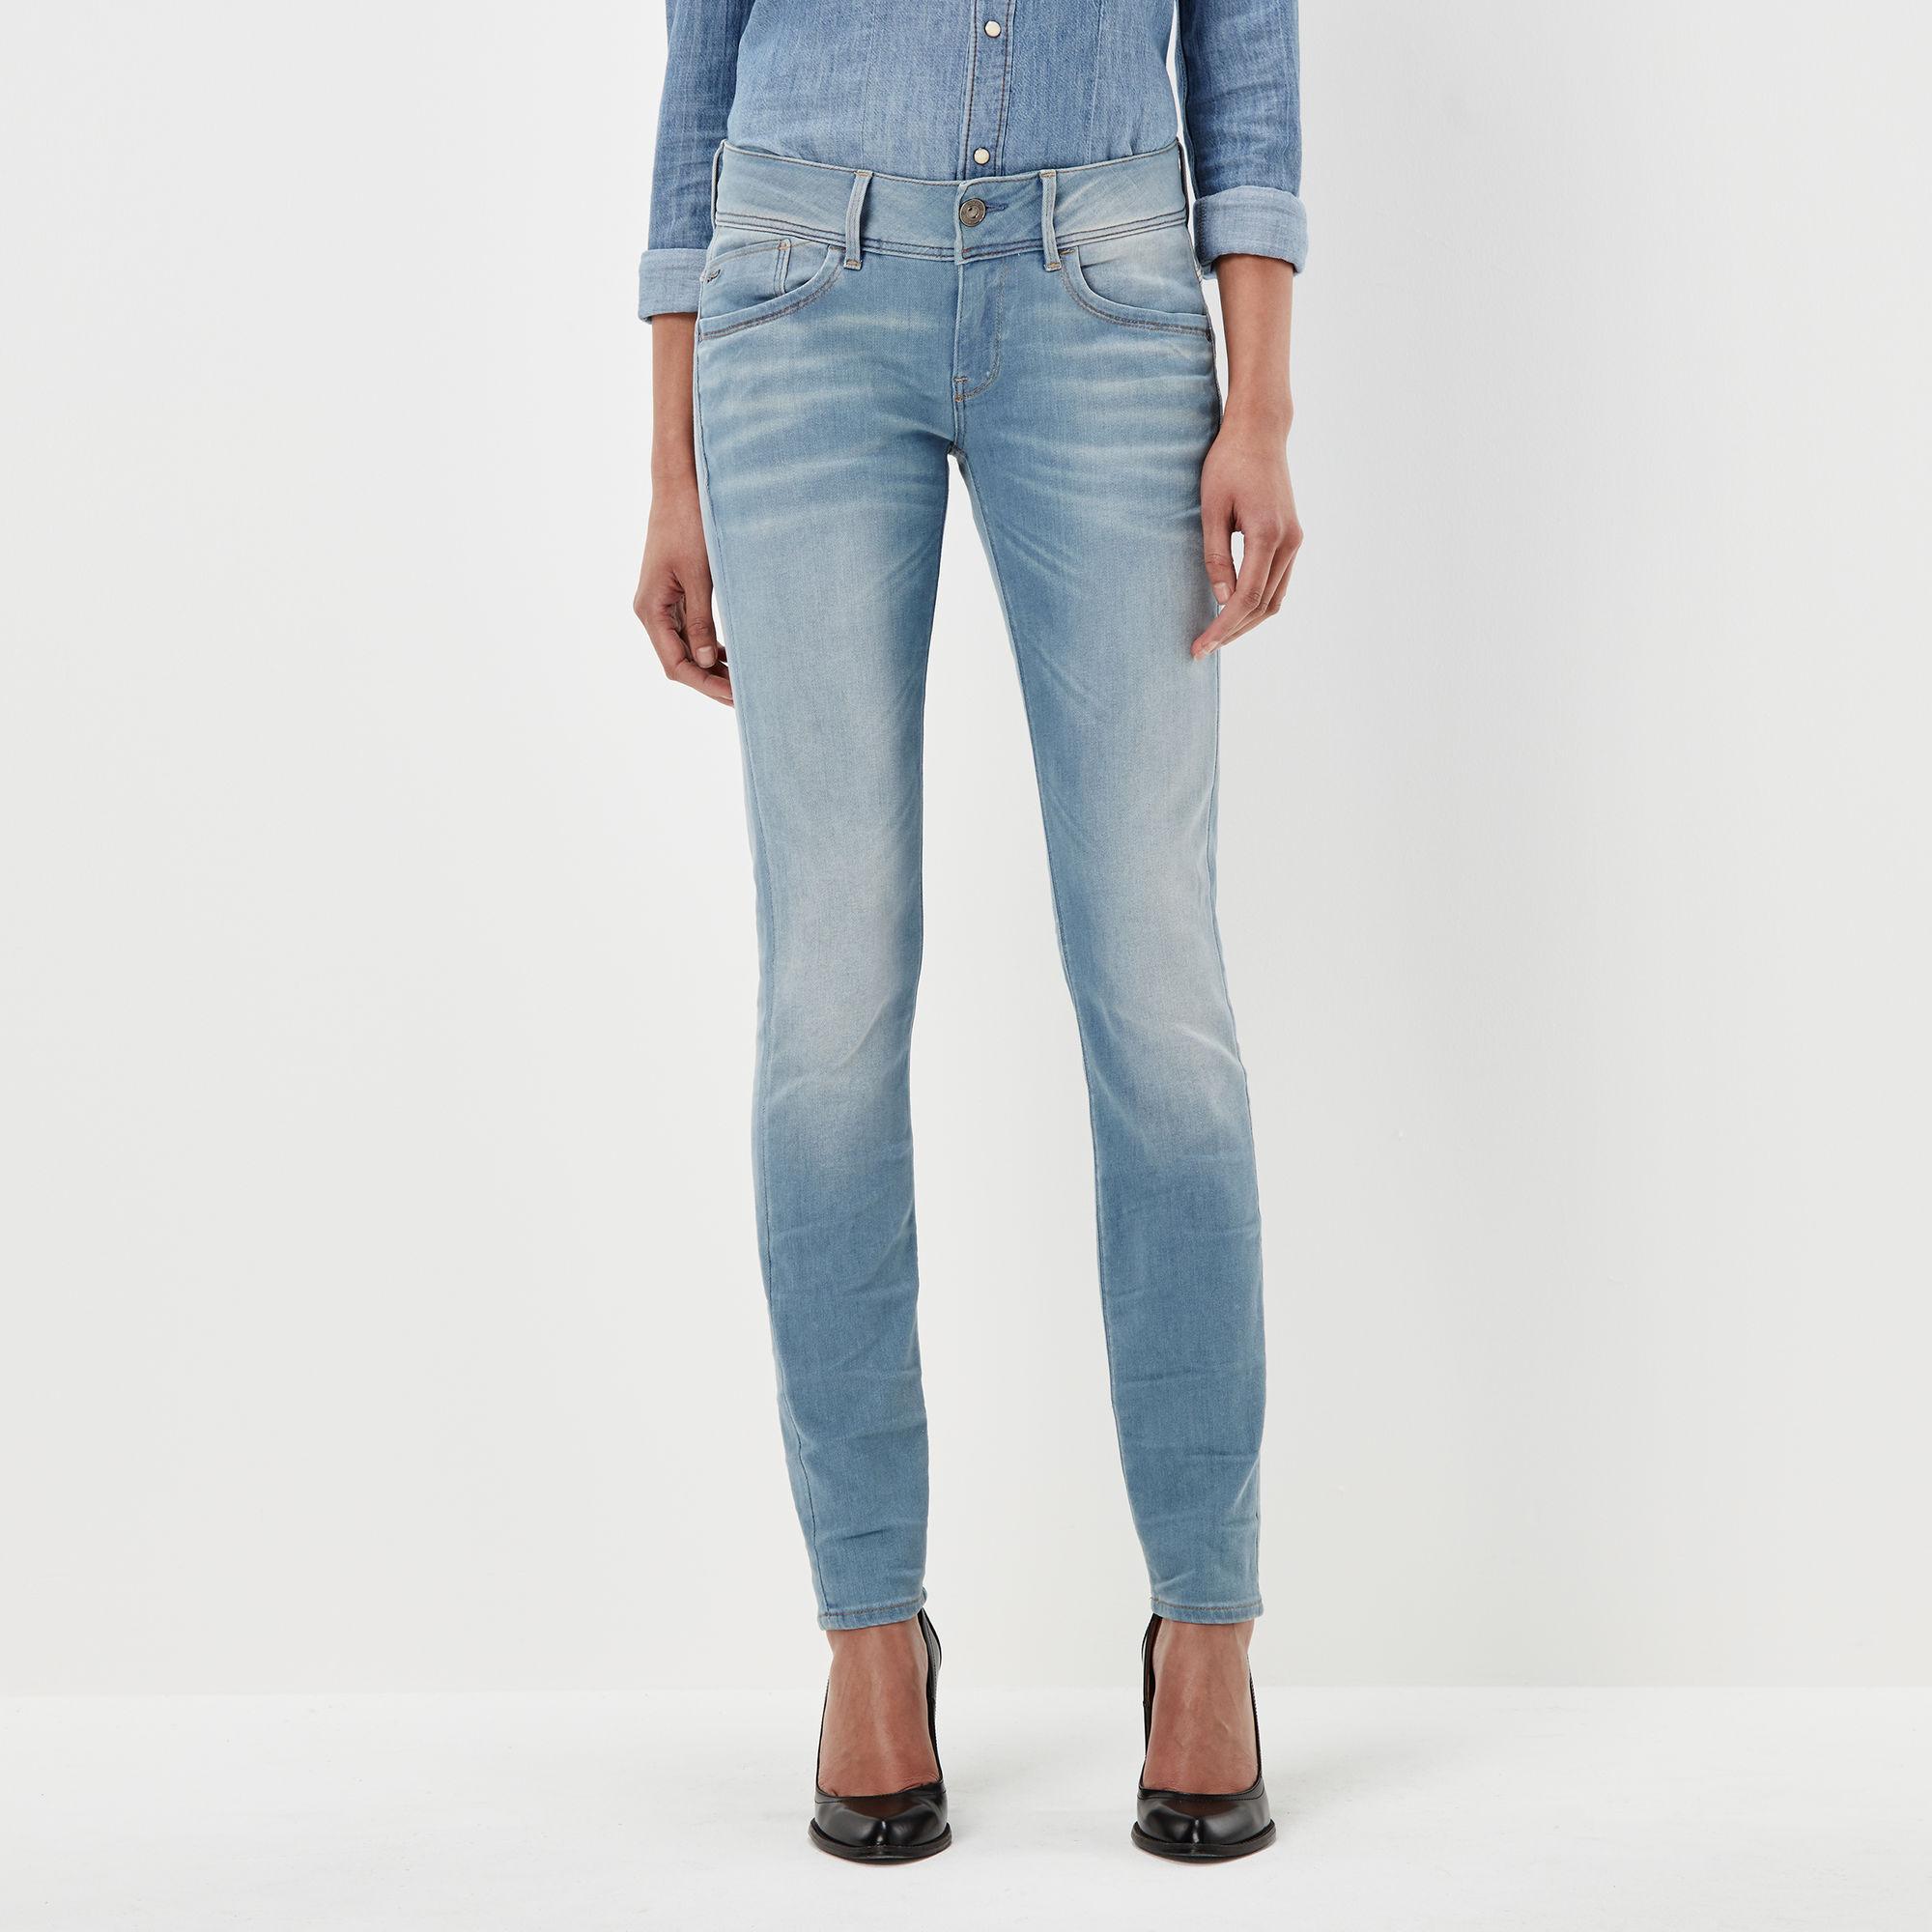 G-Star RAW Dames Lynn Mid Waist Skinny Jeans Lichtblauw